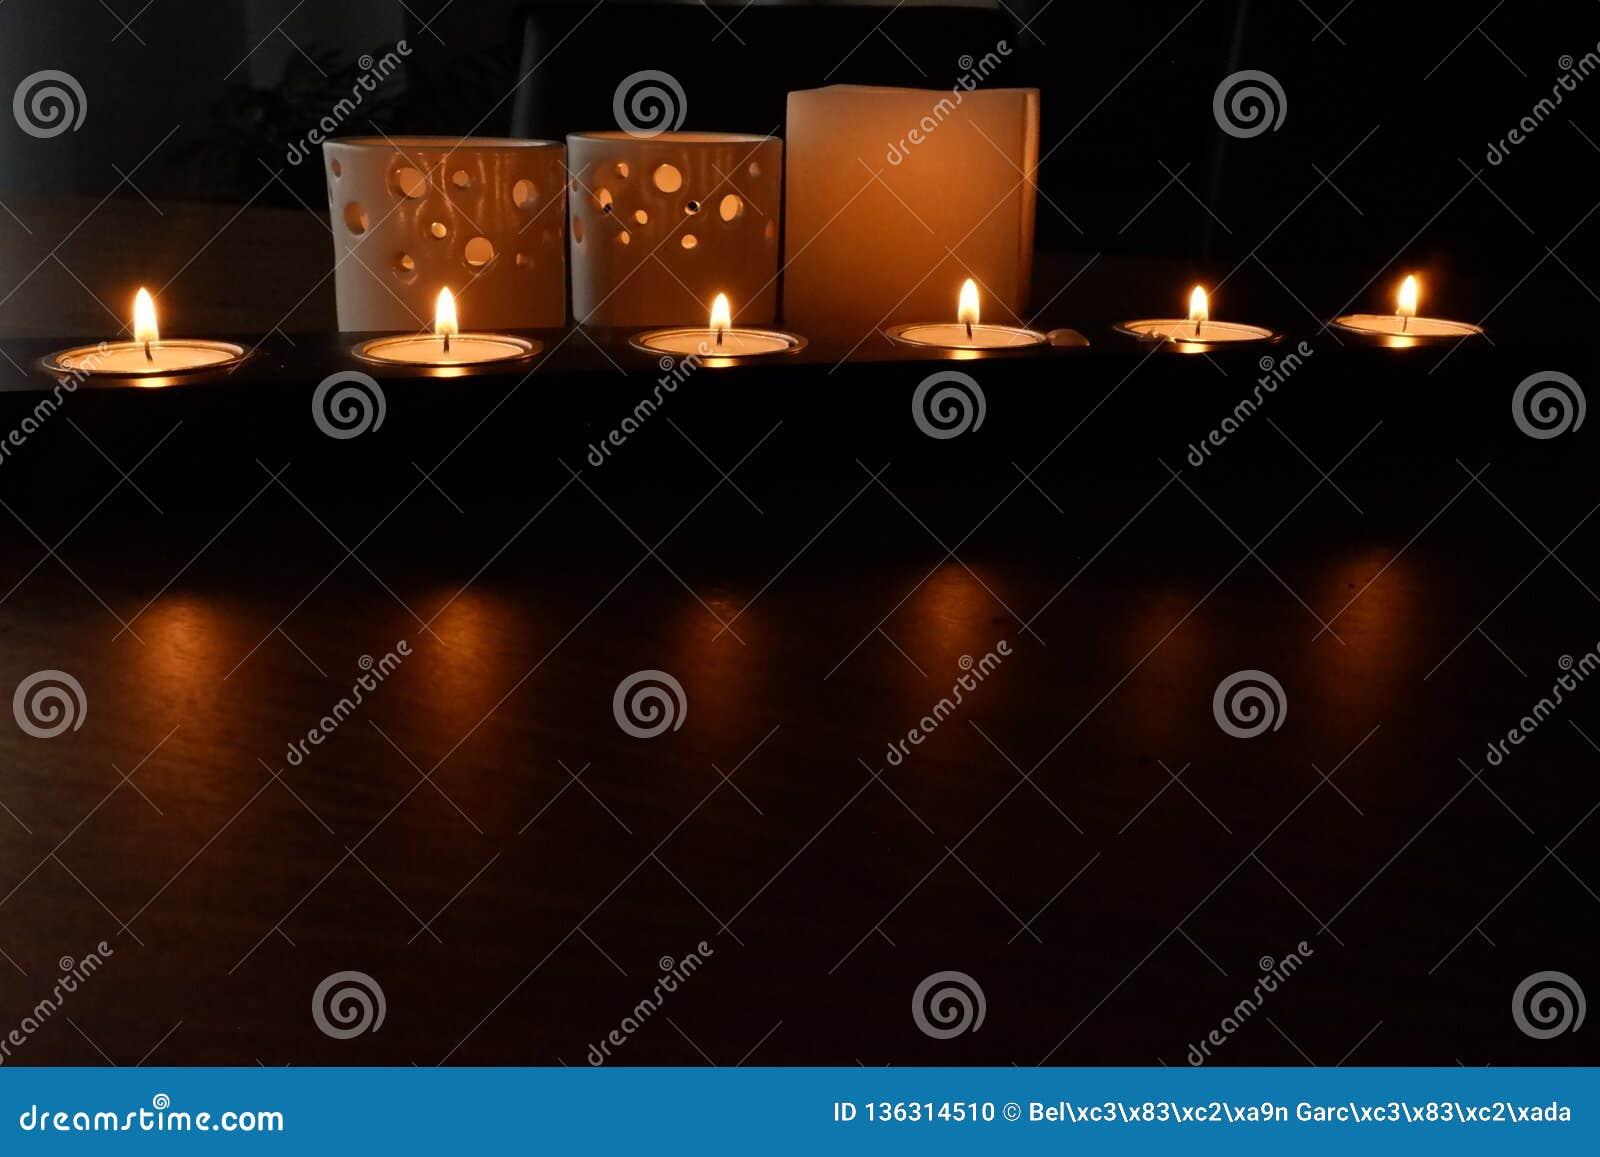 Bougies pour une illumination chaude